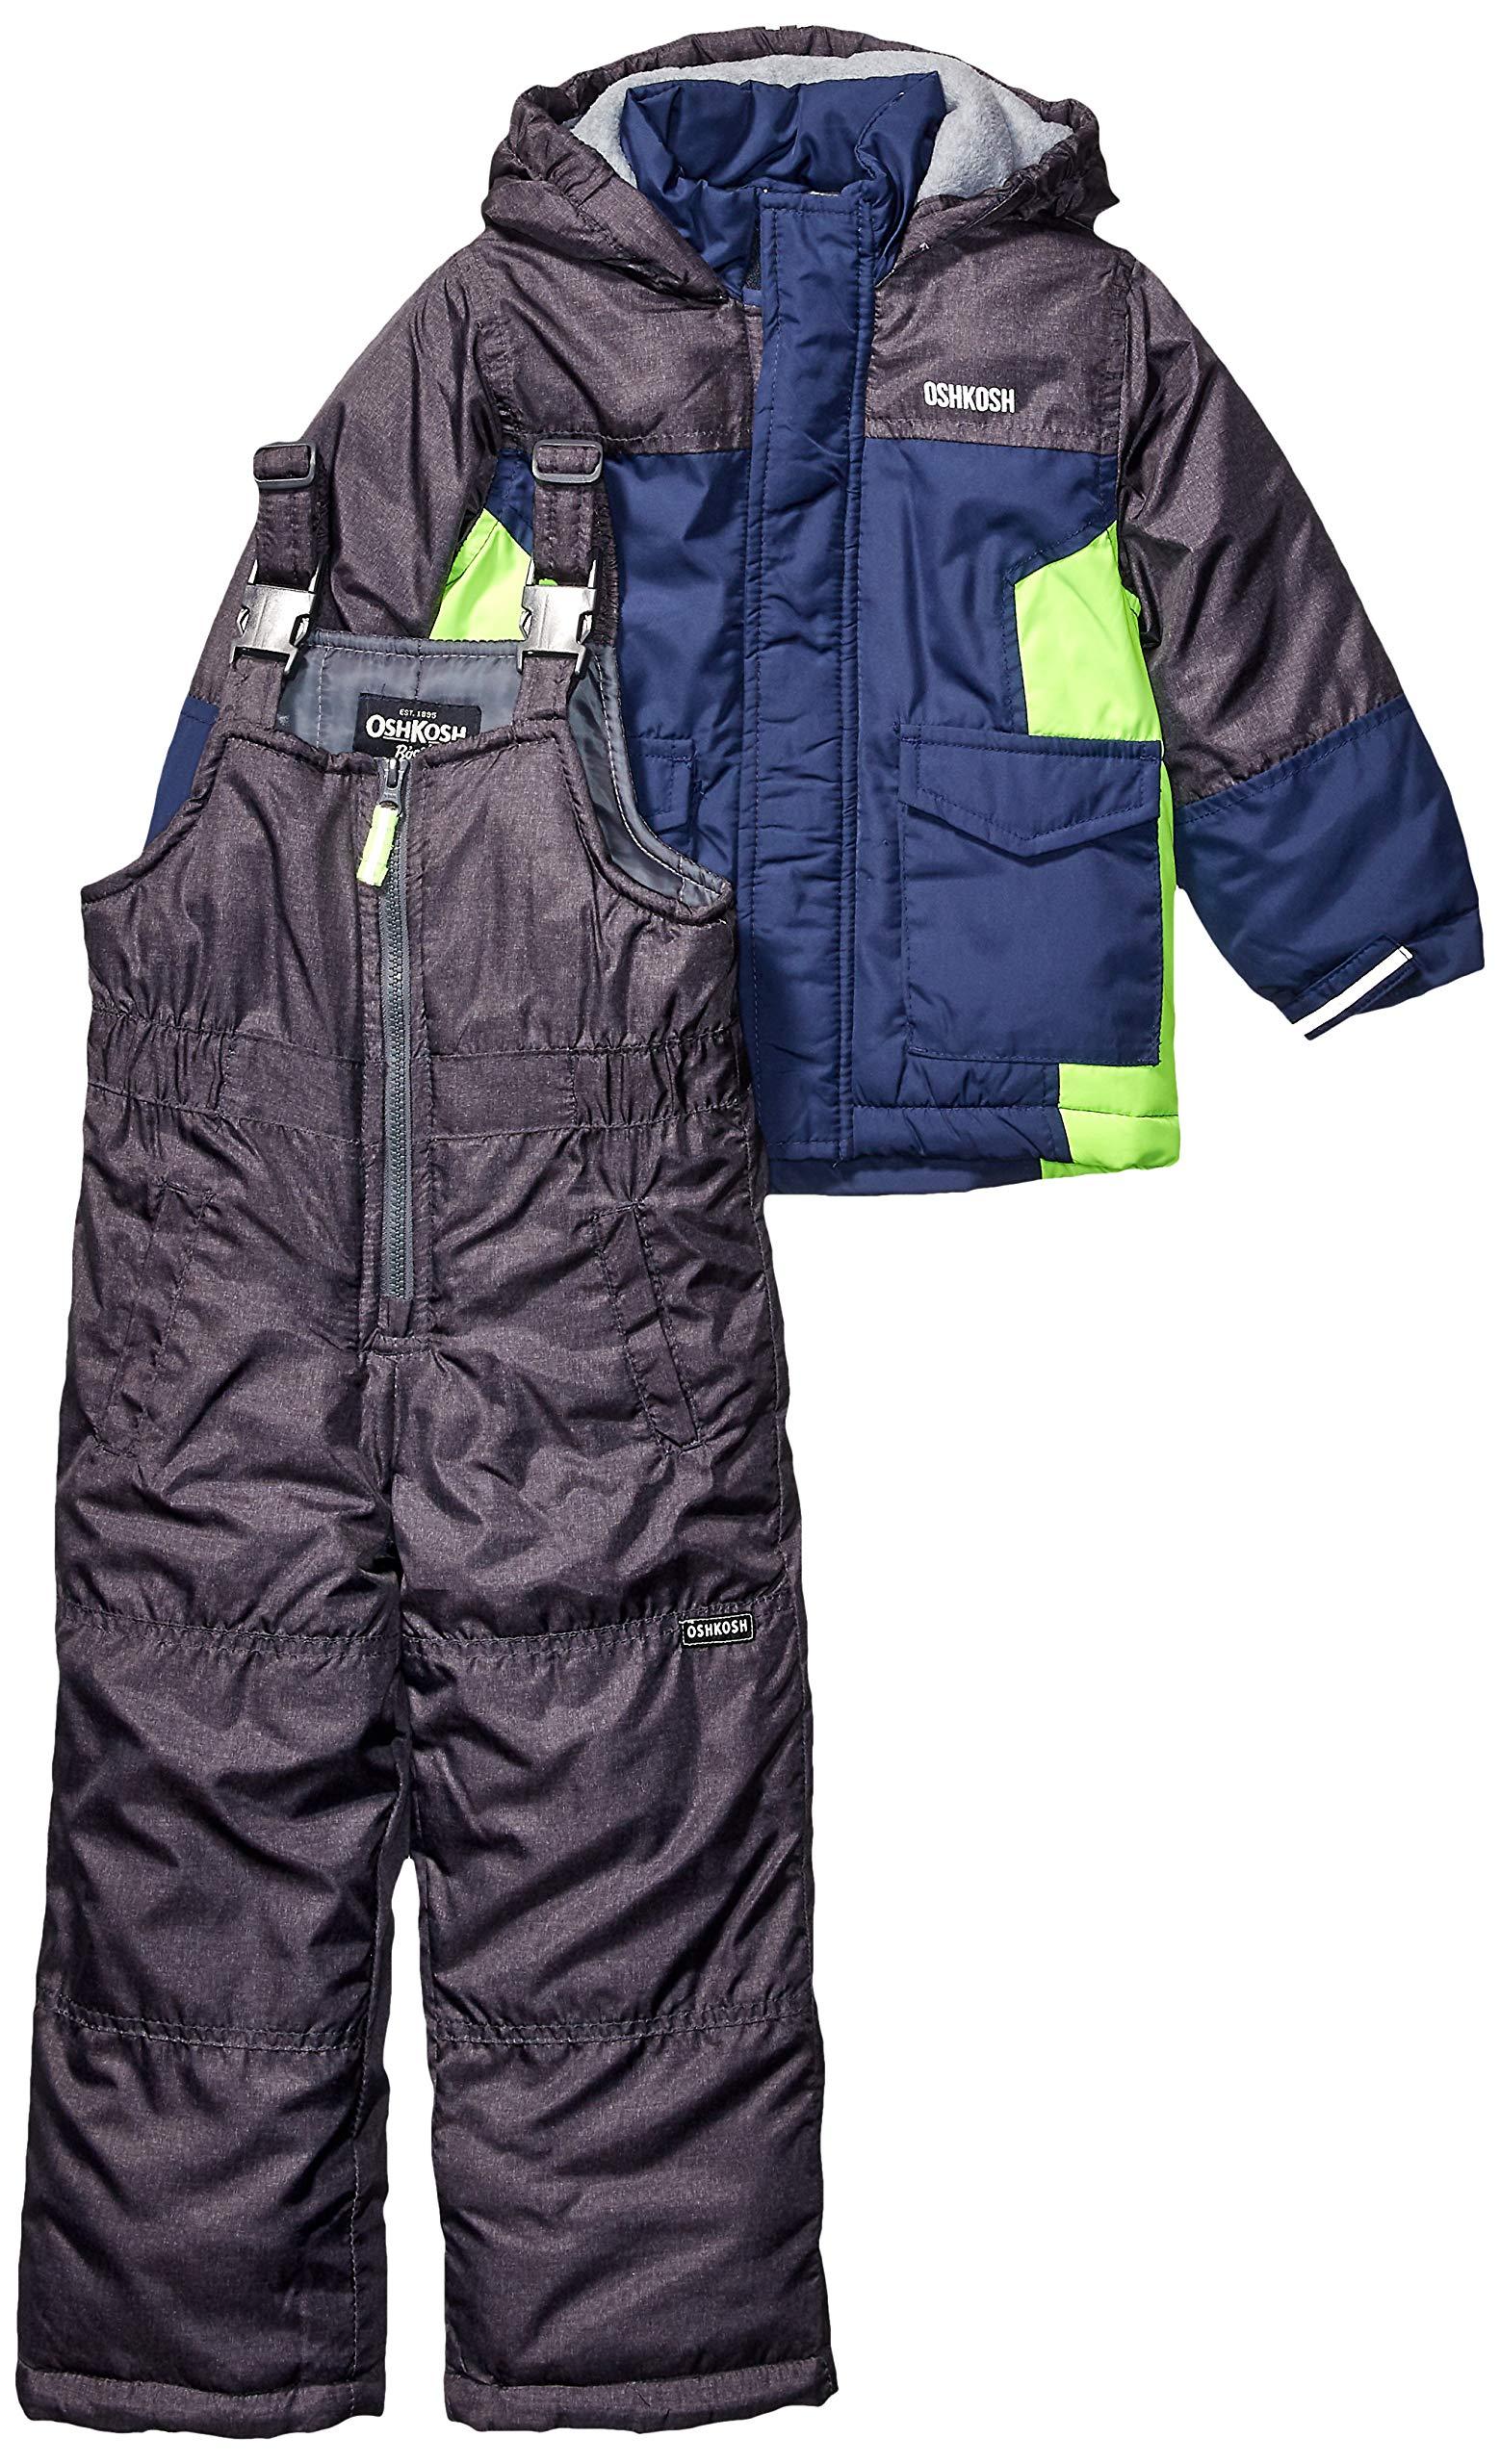 OshKosh B'Gosh Boys' Little Ski Jacket and Snowbib Snowsuit Set, Navy Fall, 5/6 by OshKosh B'Gosh